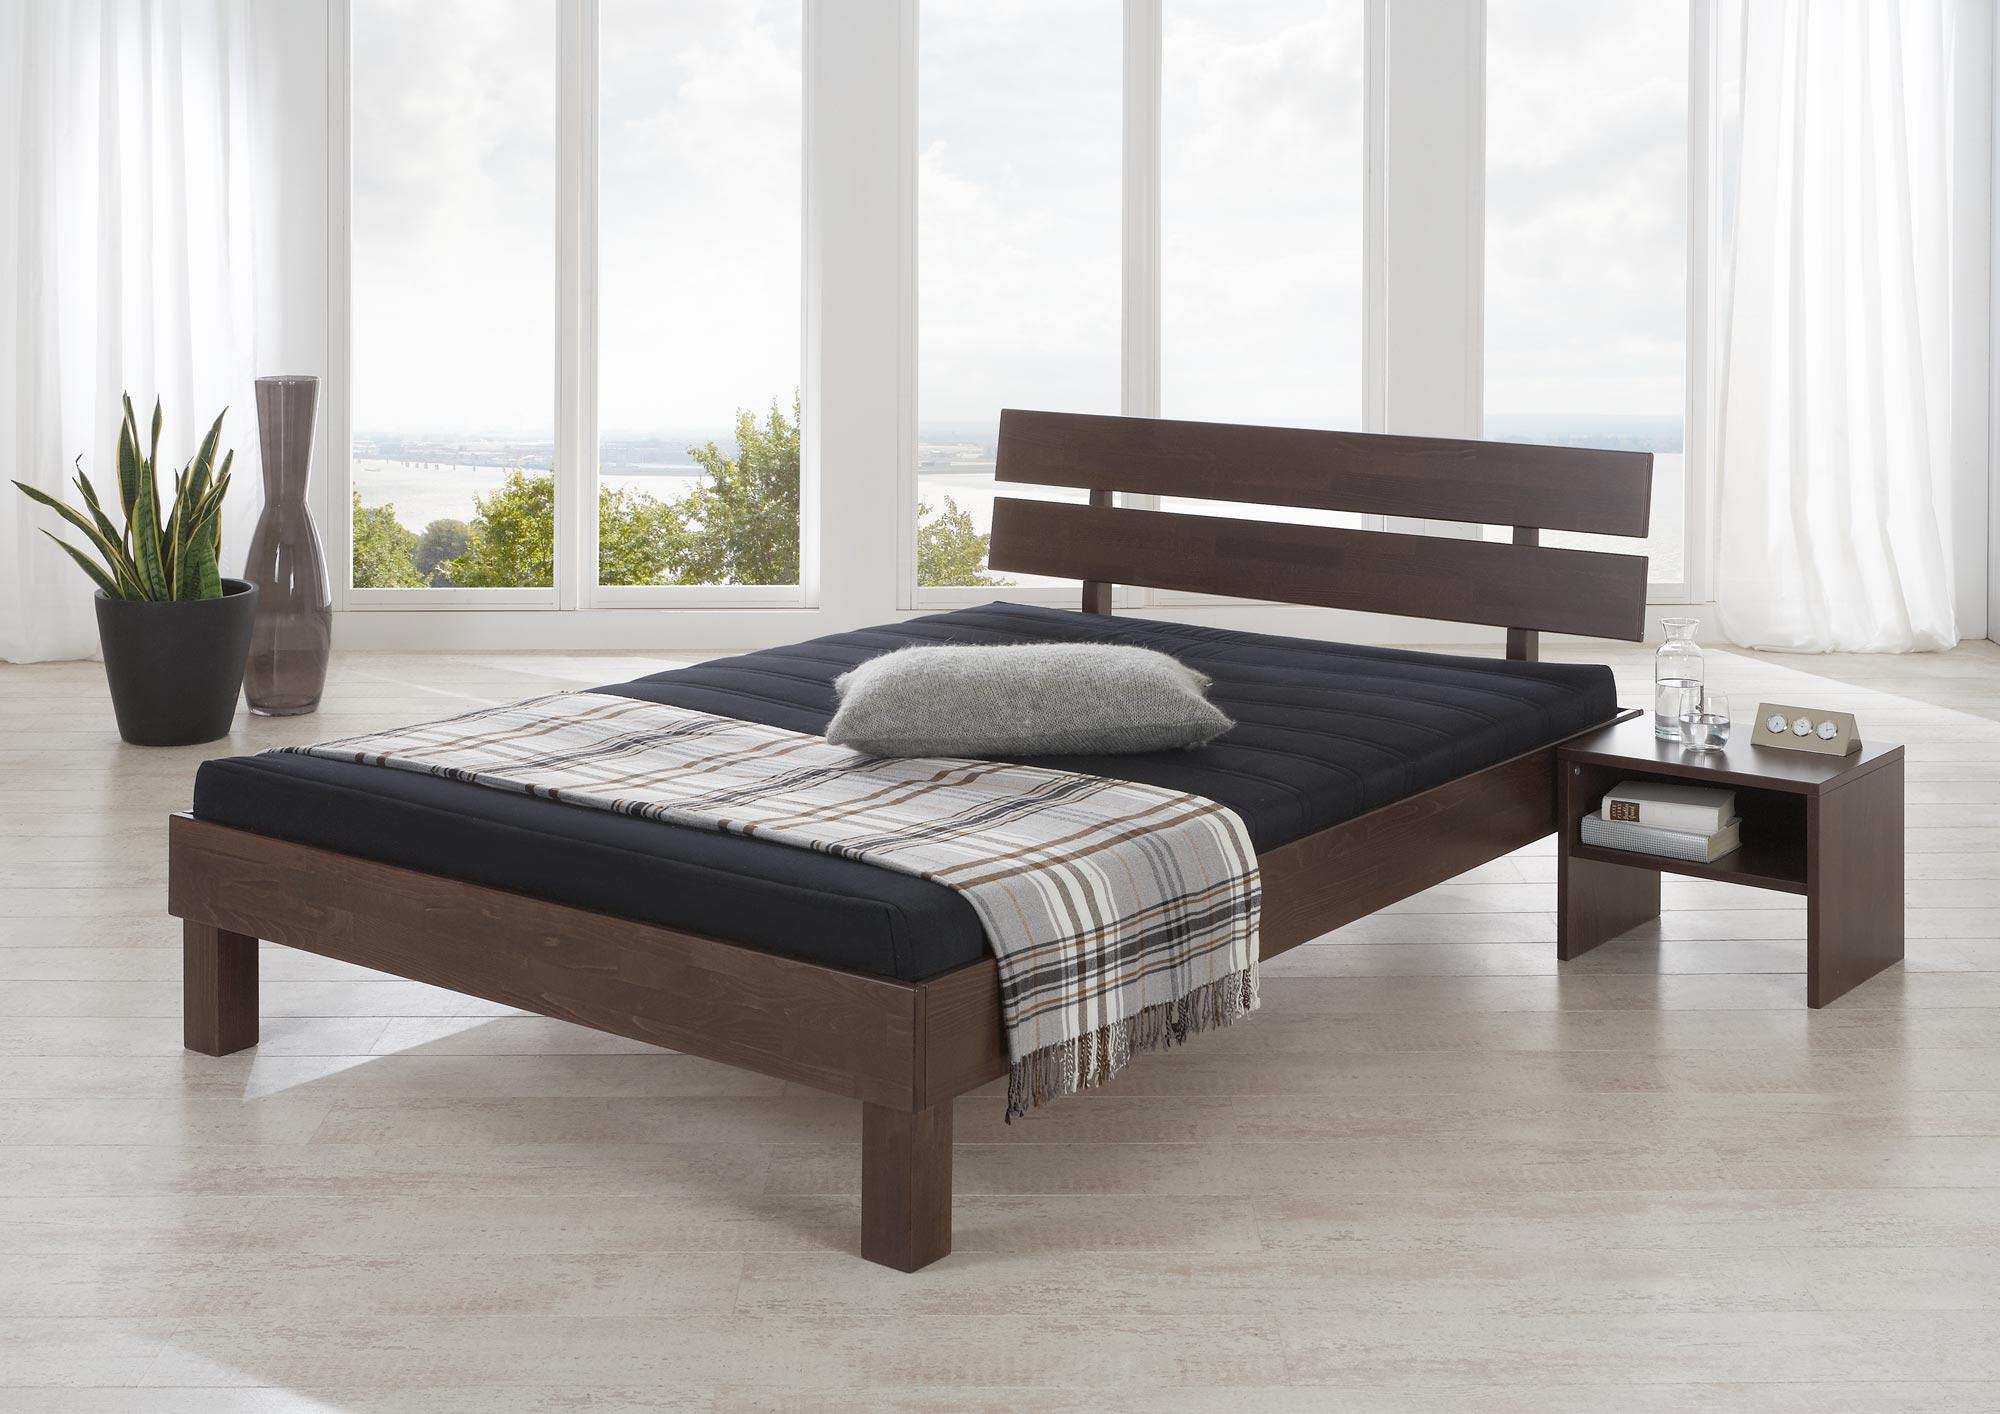 doppelbett 180x200 mit matratze und lattenrost doppelbett x gnstig mit material rahmen aus holz. Black Bedroom Furniture Sets. Home Design Ideas